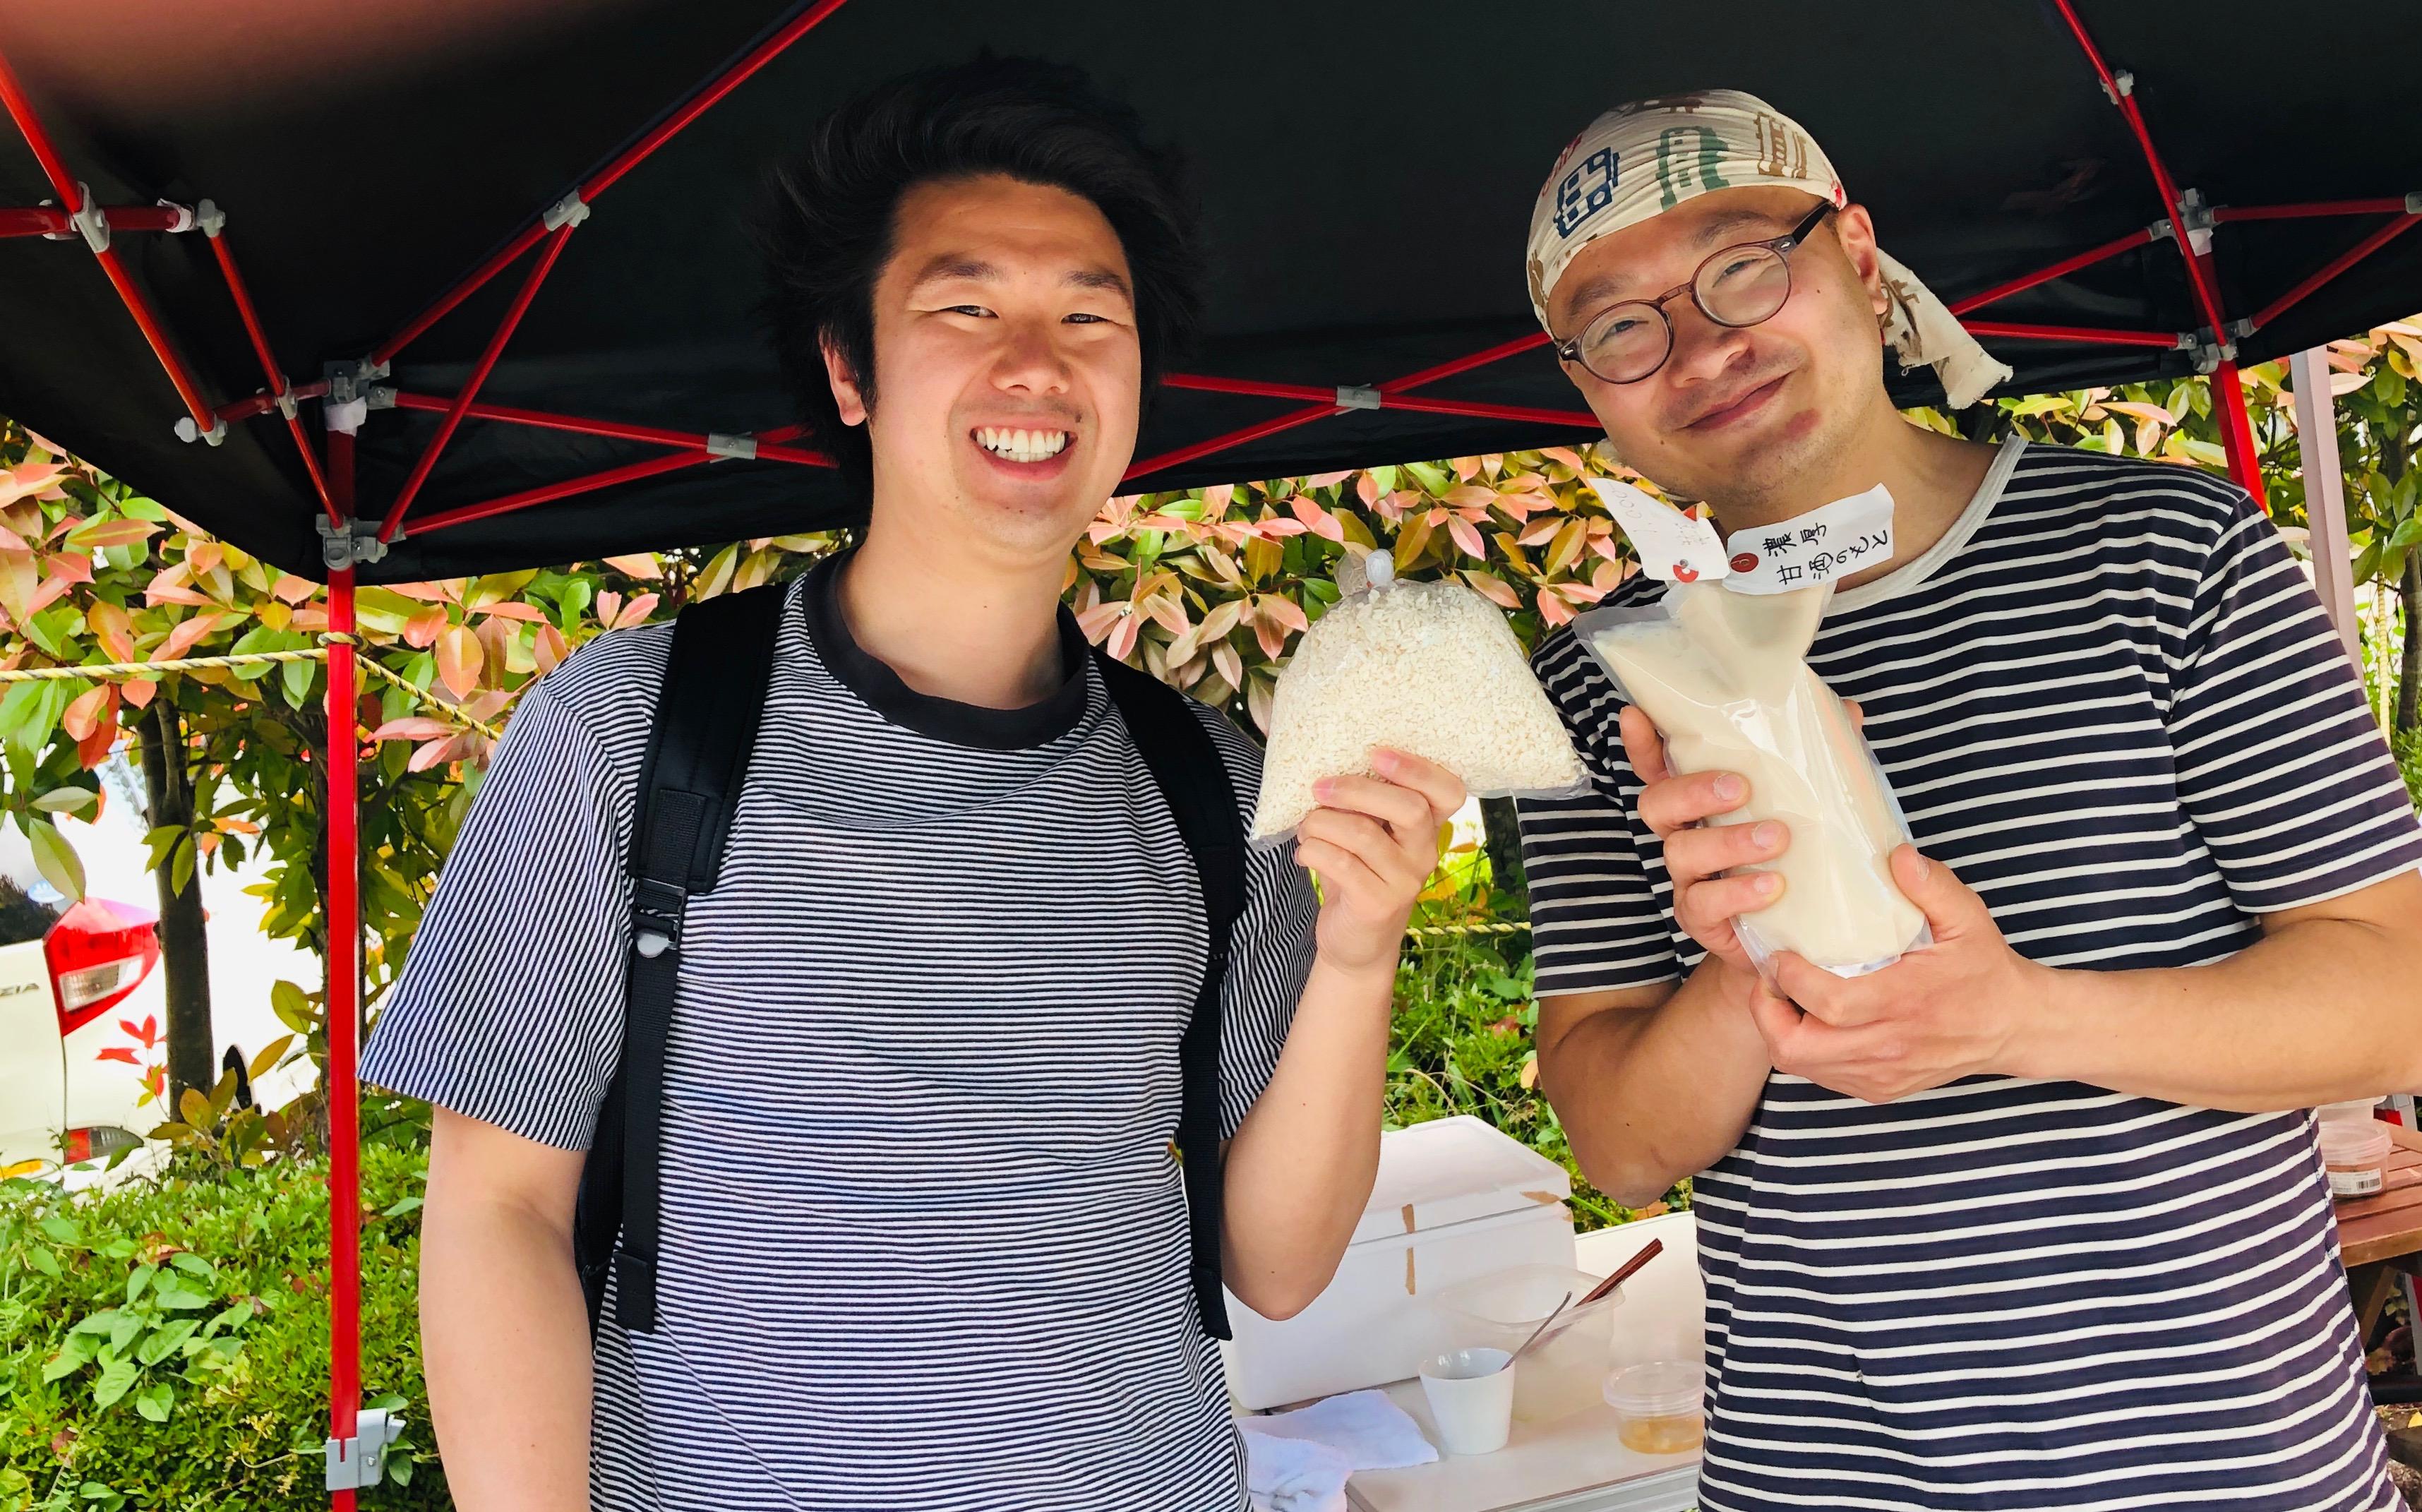 滋賀県彦根市のみそ造り体験はハッピー太郎に決まり!!ハッピー太郎醸造所はおすすめ!!